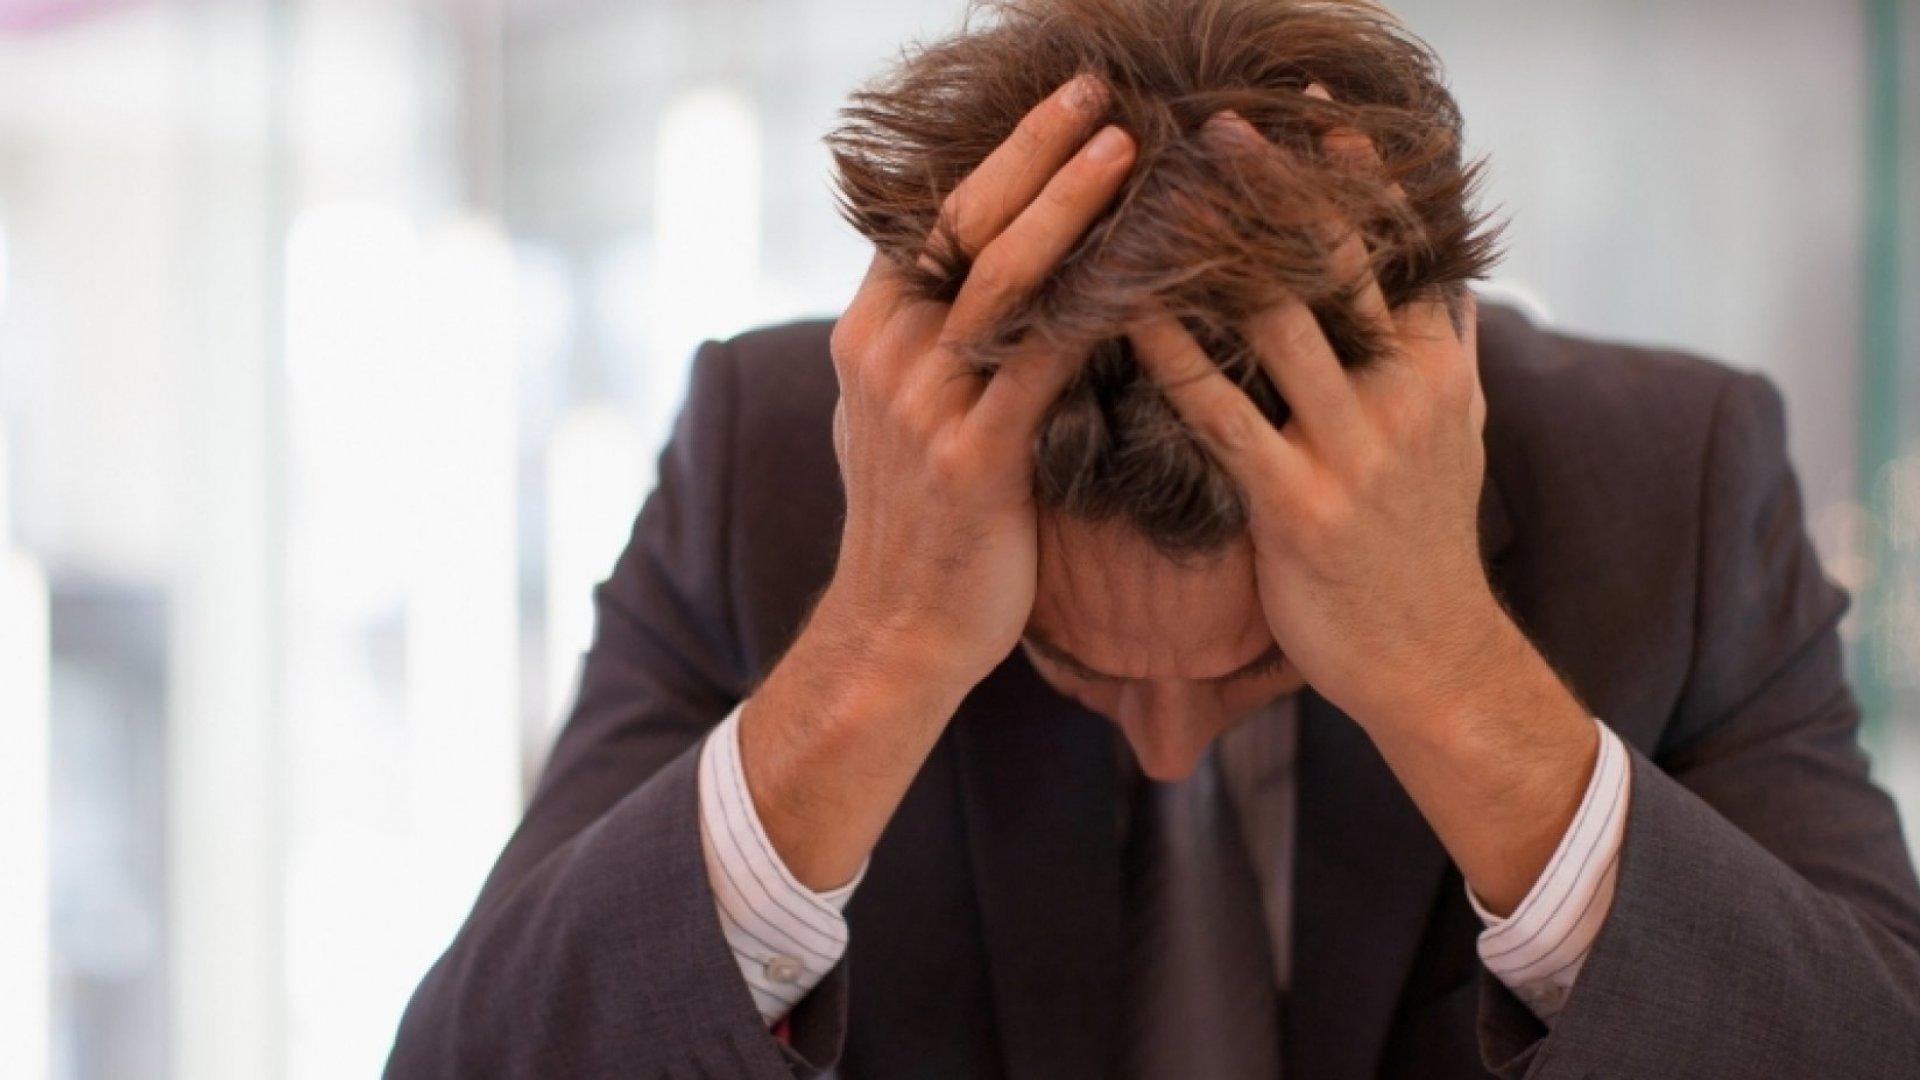 Why Startups Fail, According to 13 Millionaire Entrepreneurs